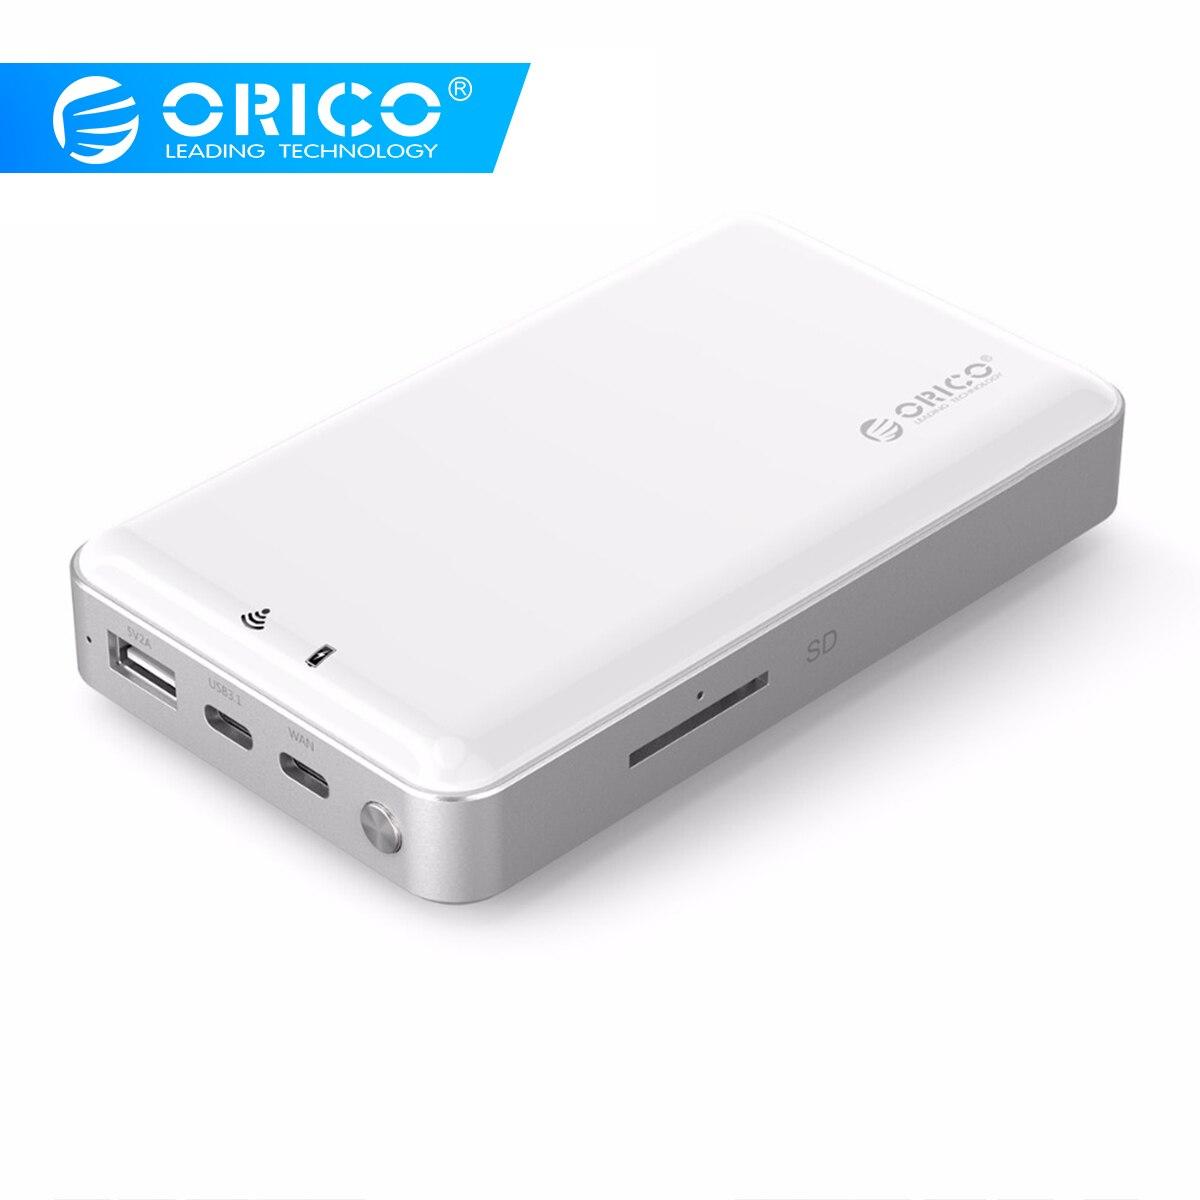 ORICO 2.5 pouces Wifi HDD boîtier privé HDD Cloud stockage Support SD/TF carte hors ligne de sauvegarde 8000 mAh batterie externe USB3.1 Gen1/2